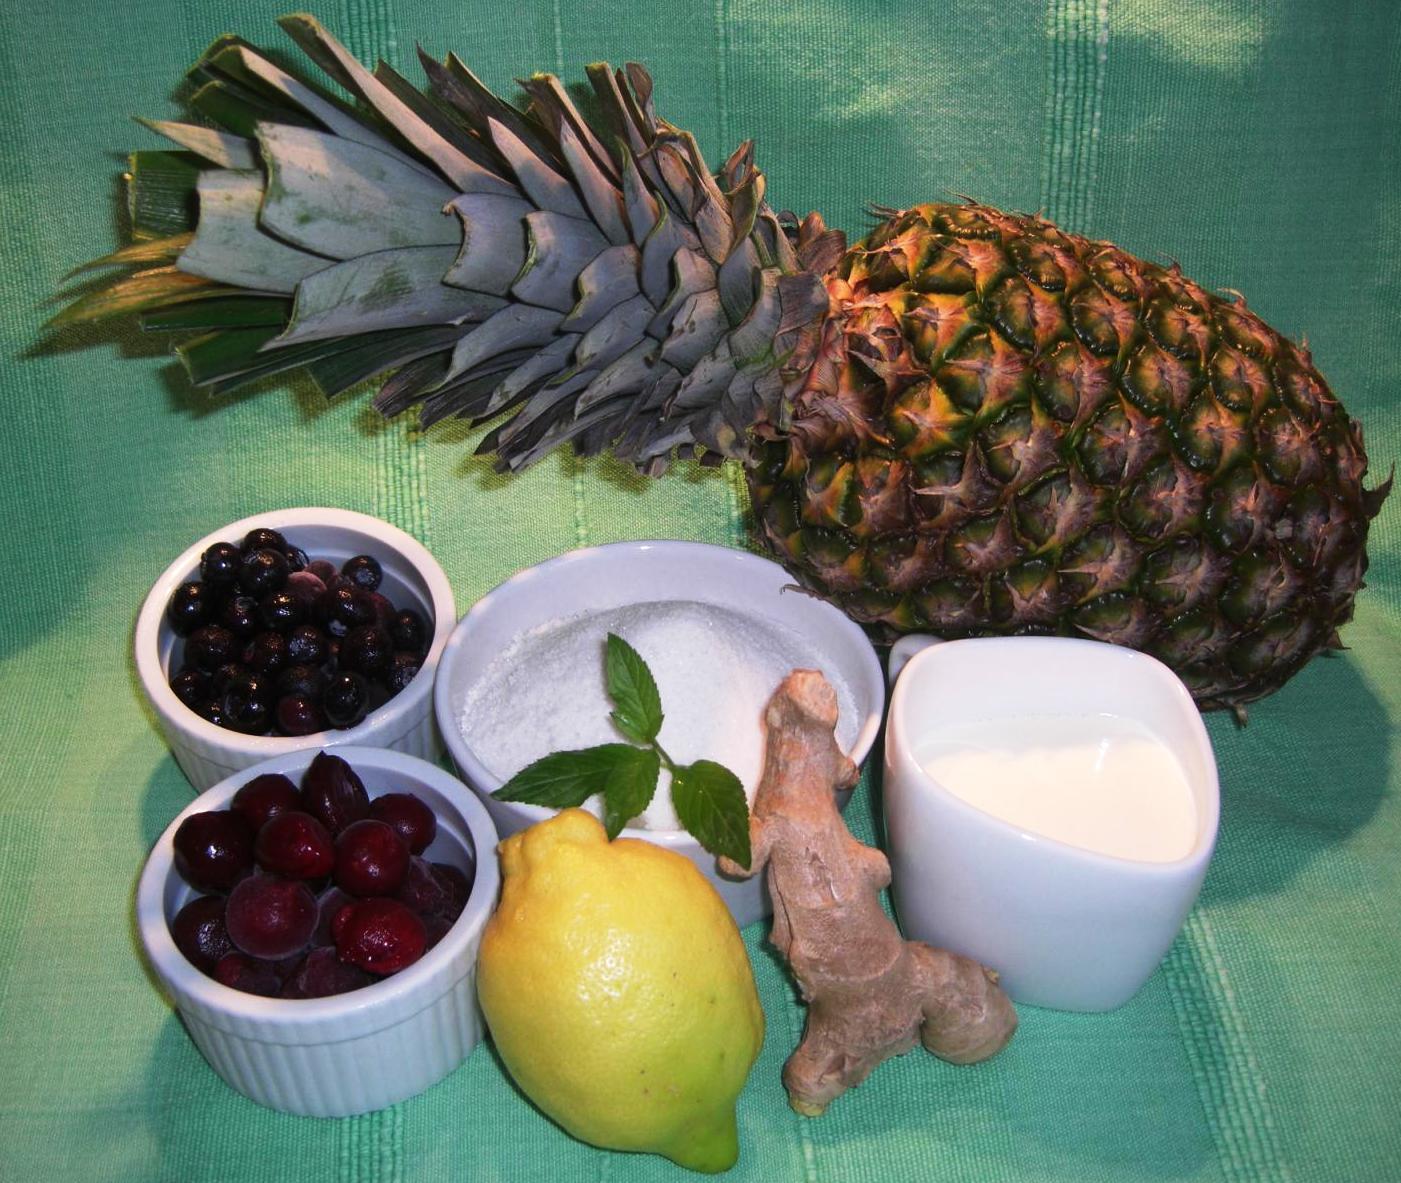 Zutaten Ananas Marmelade und Eis.BIGJPG